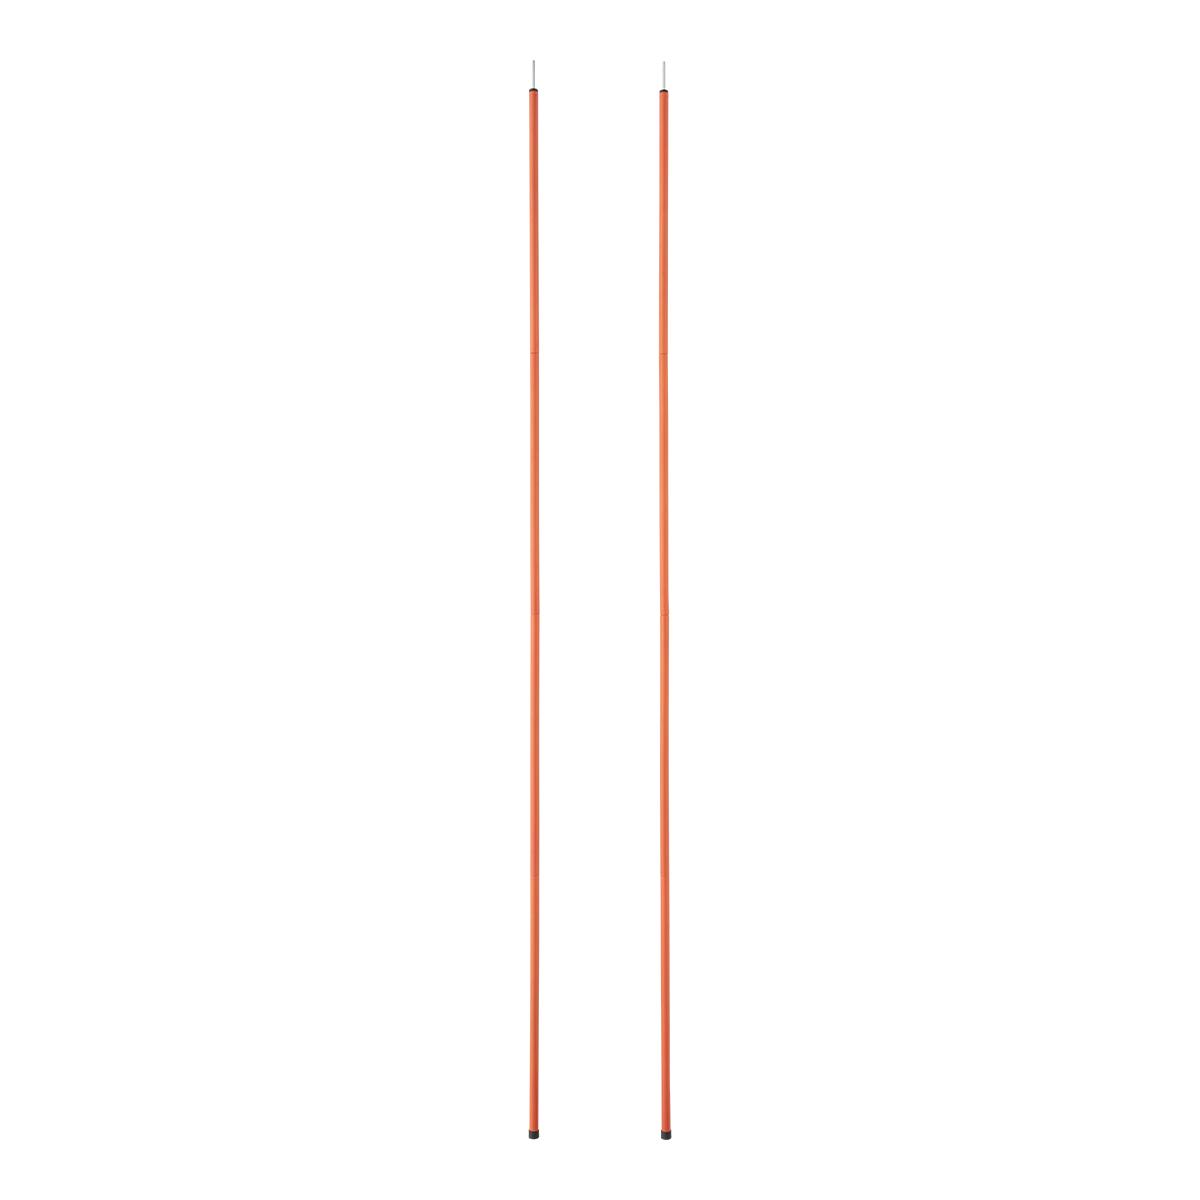 LOGOS(ロゴス)/スタンダードキャノピーポール180(2本セット)(オレンジ)